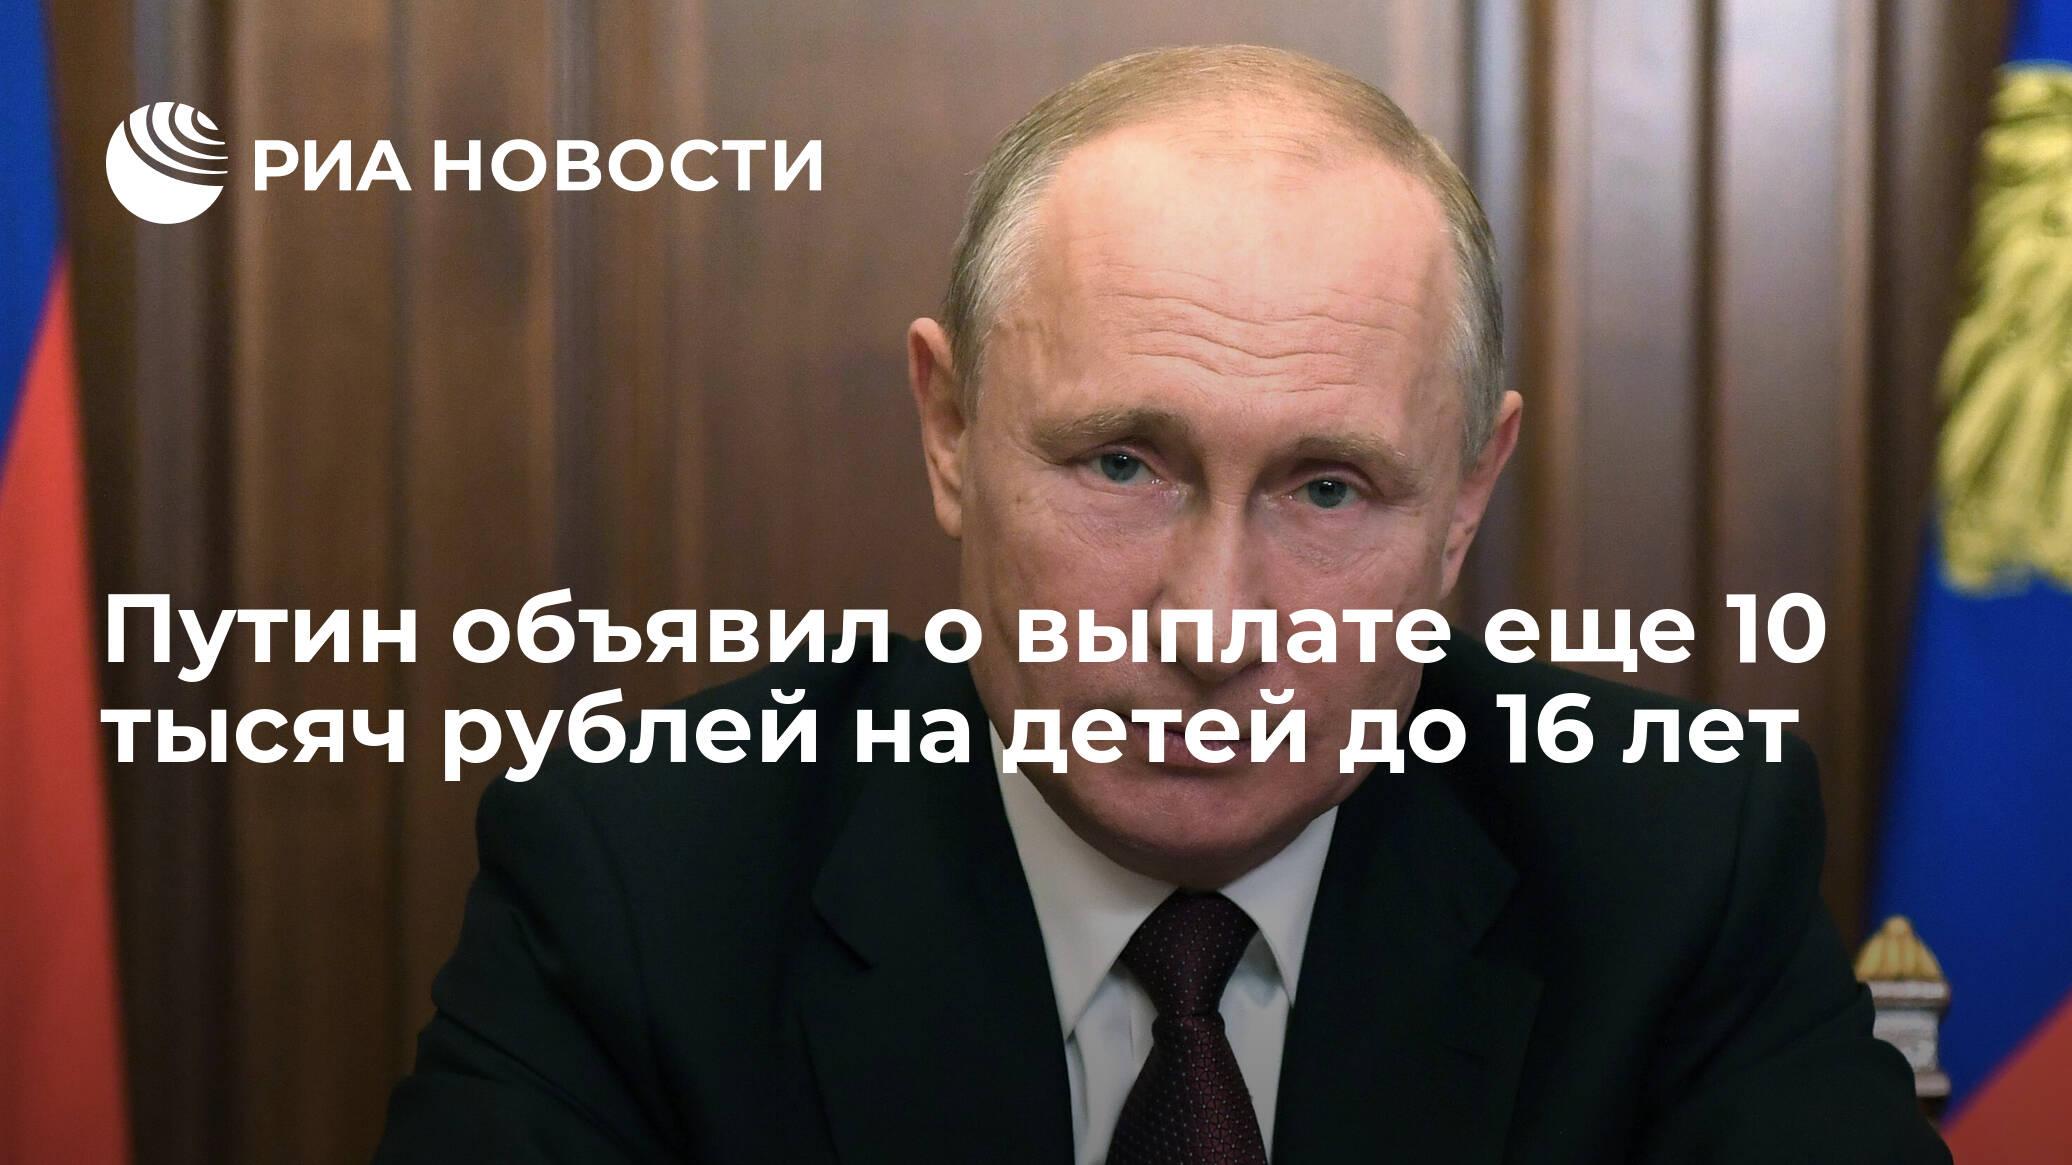 Путин предложил выплатить еще по 10 тысяч рублей на детей до 16 лет